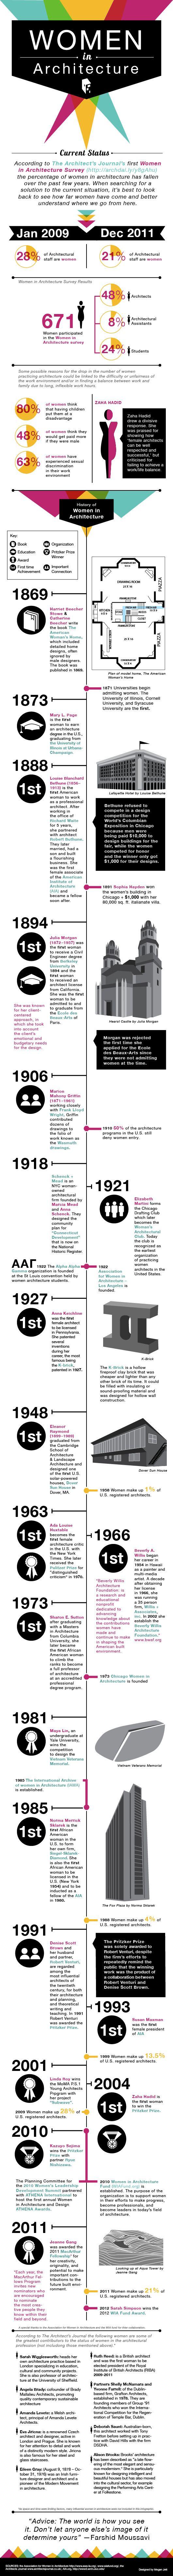 #Women in #Architecture: American Architecture, Inspiration Architecture, Woman Architecture, Architecture Infographic, Architecture Masterpiece, Architecture Graphics, Infographic Architecture, Architecture, Architecture Check